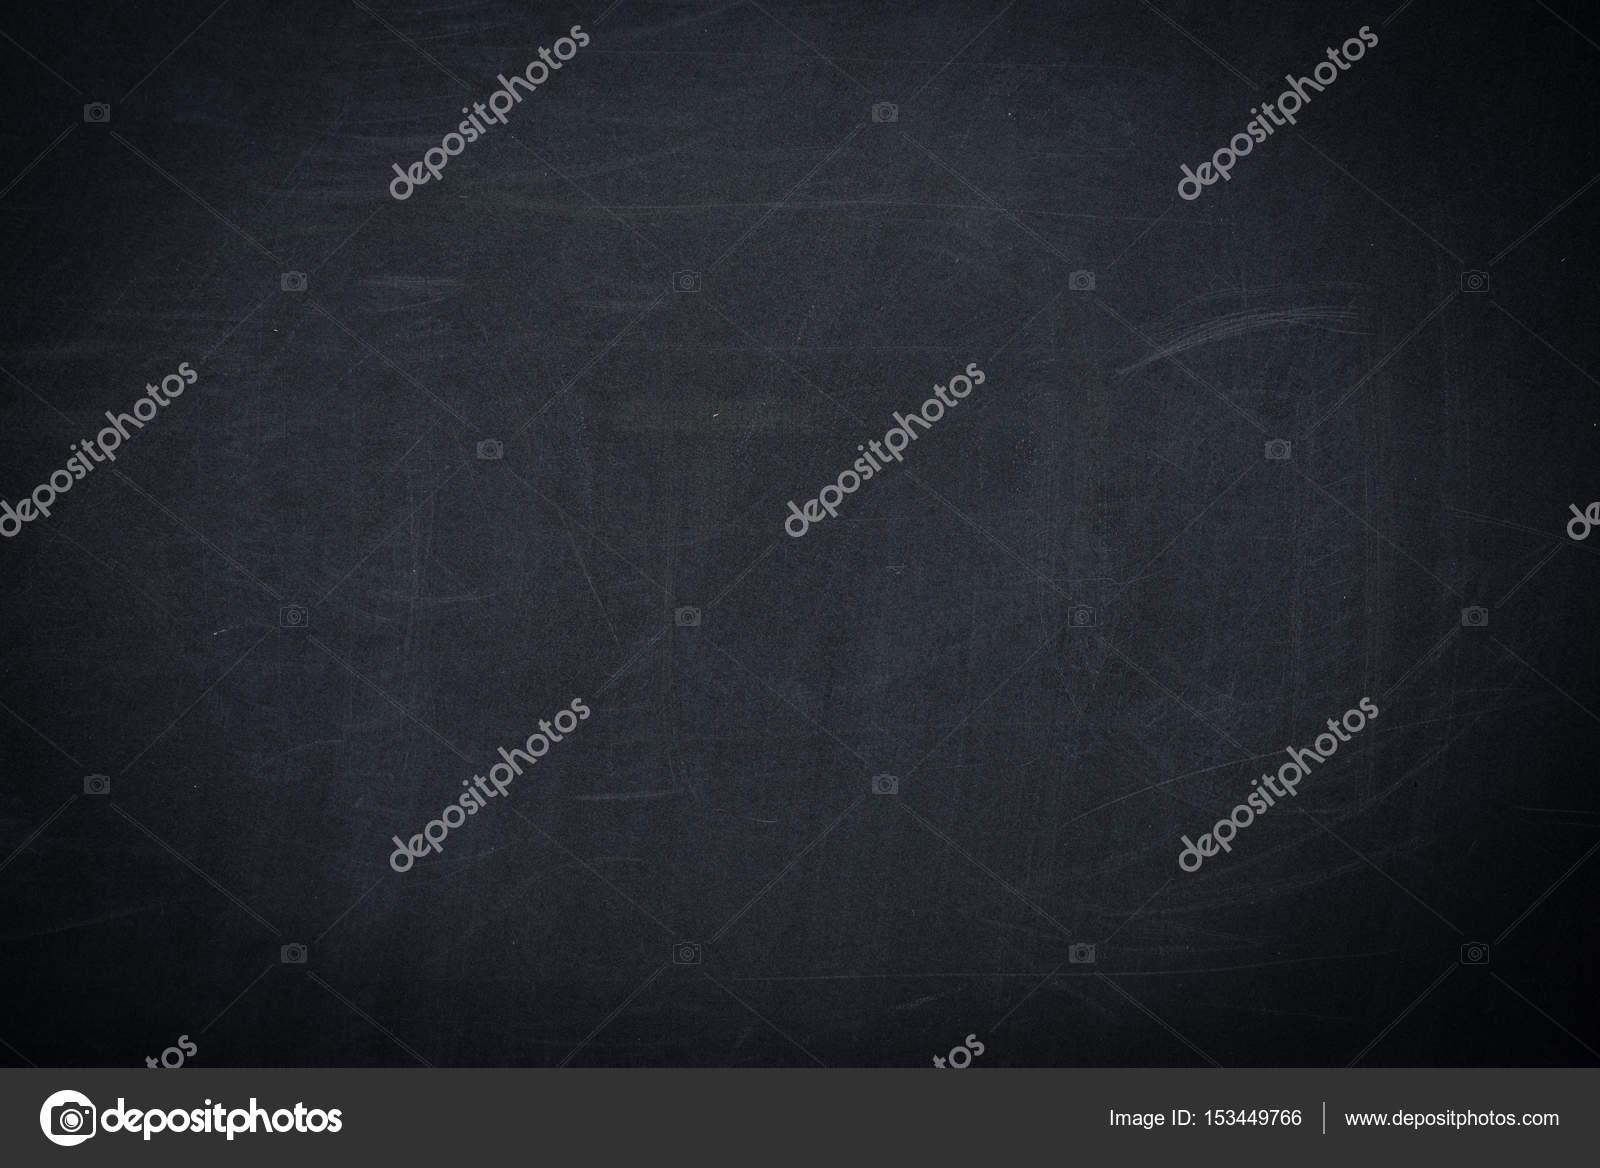 Tableau D Ecole Noir Vide Photographie Arturverkhovetskiy C 153449766